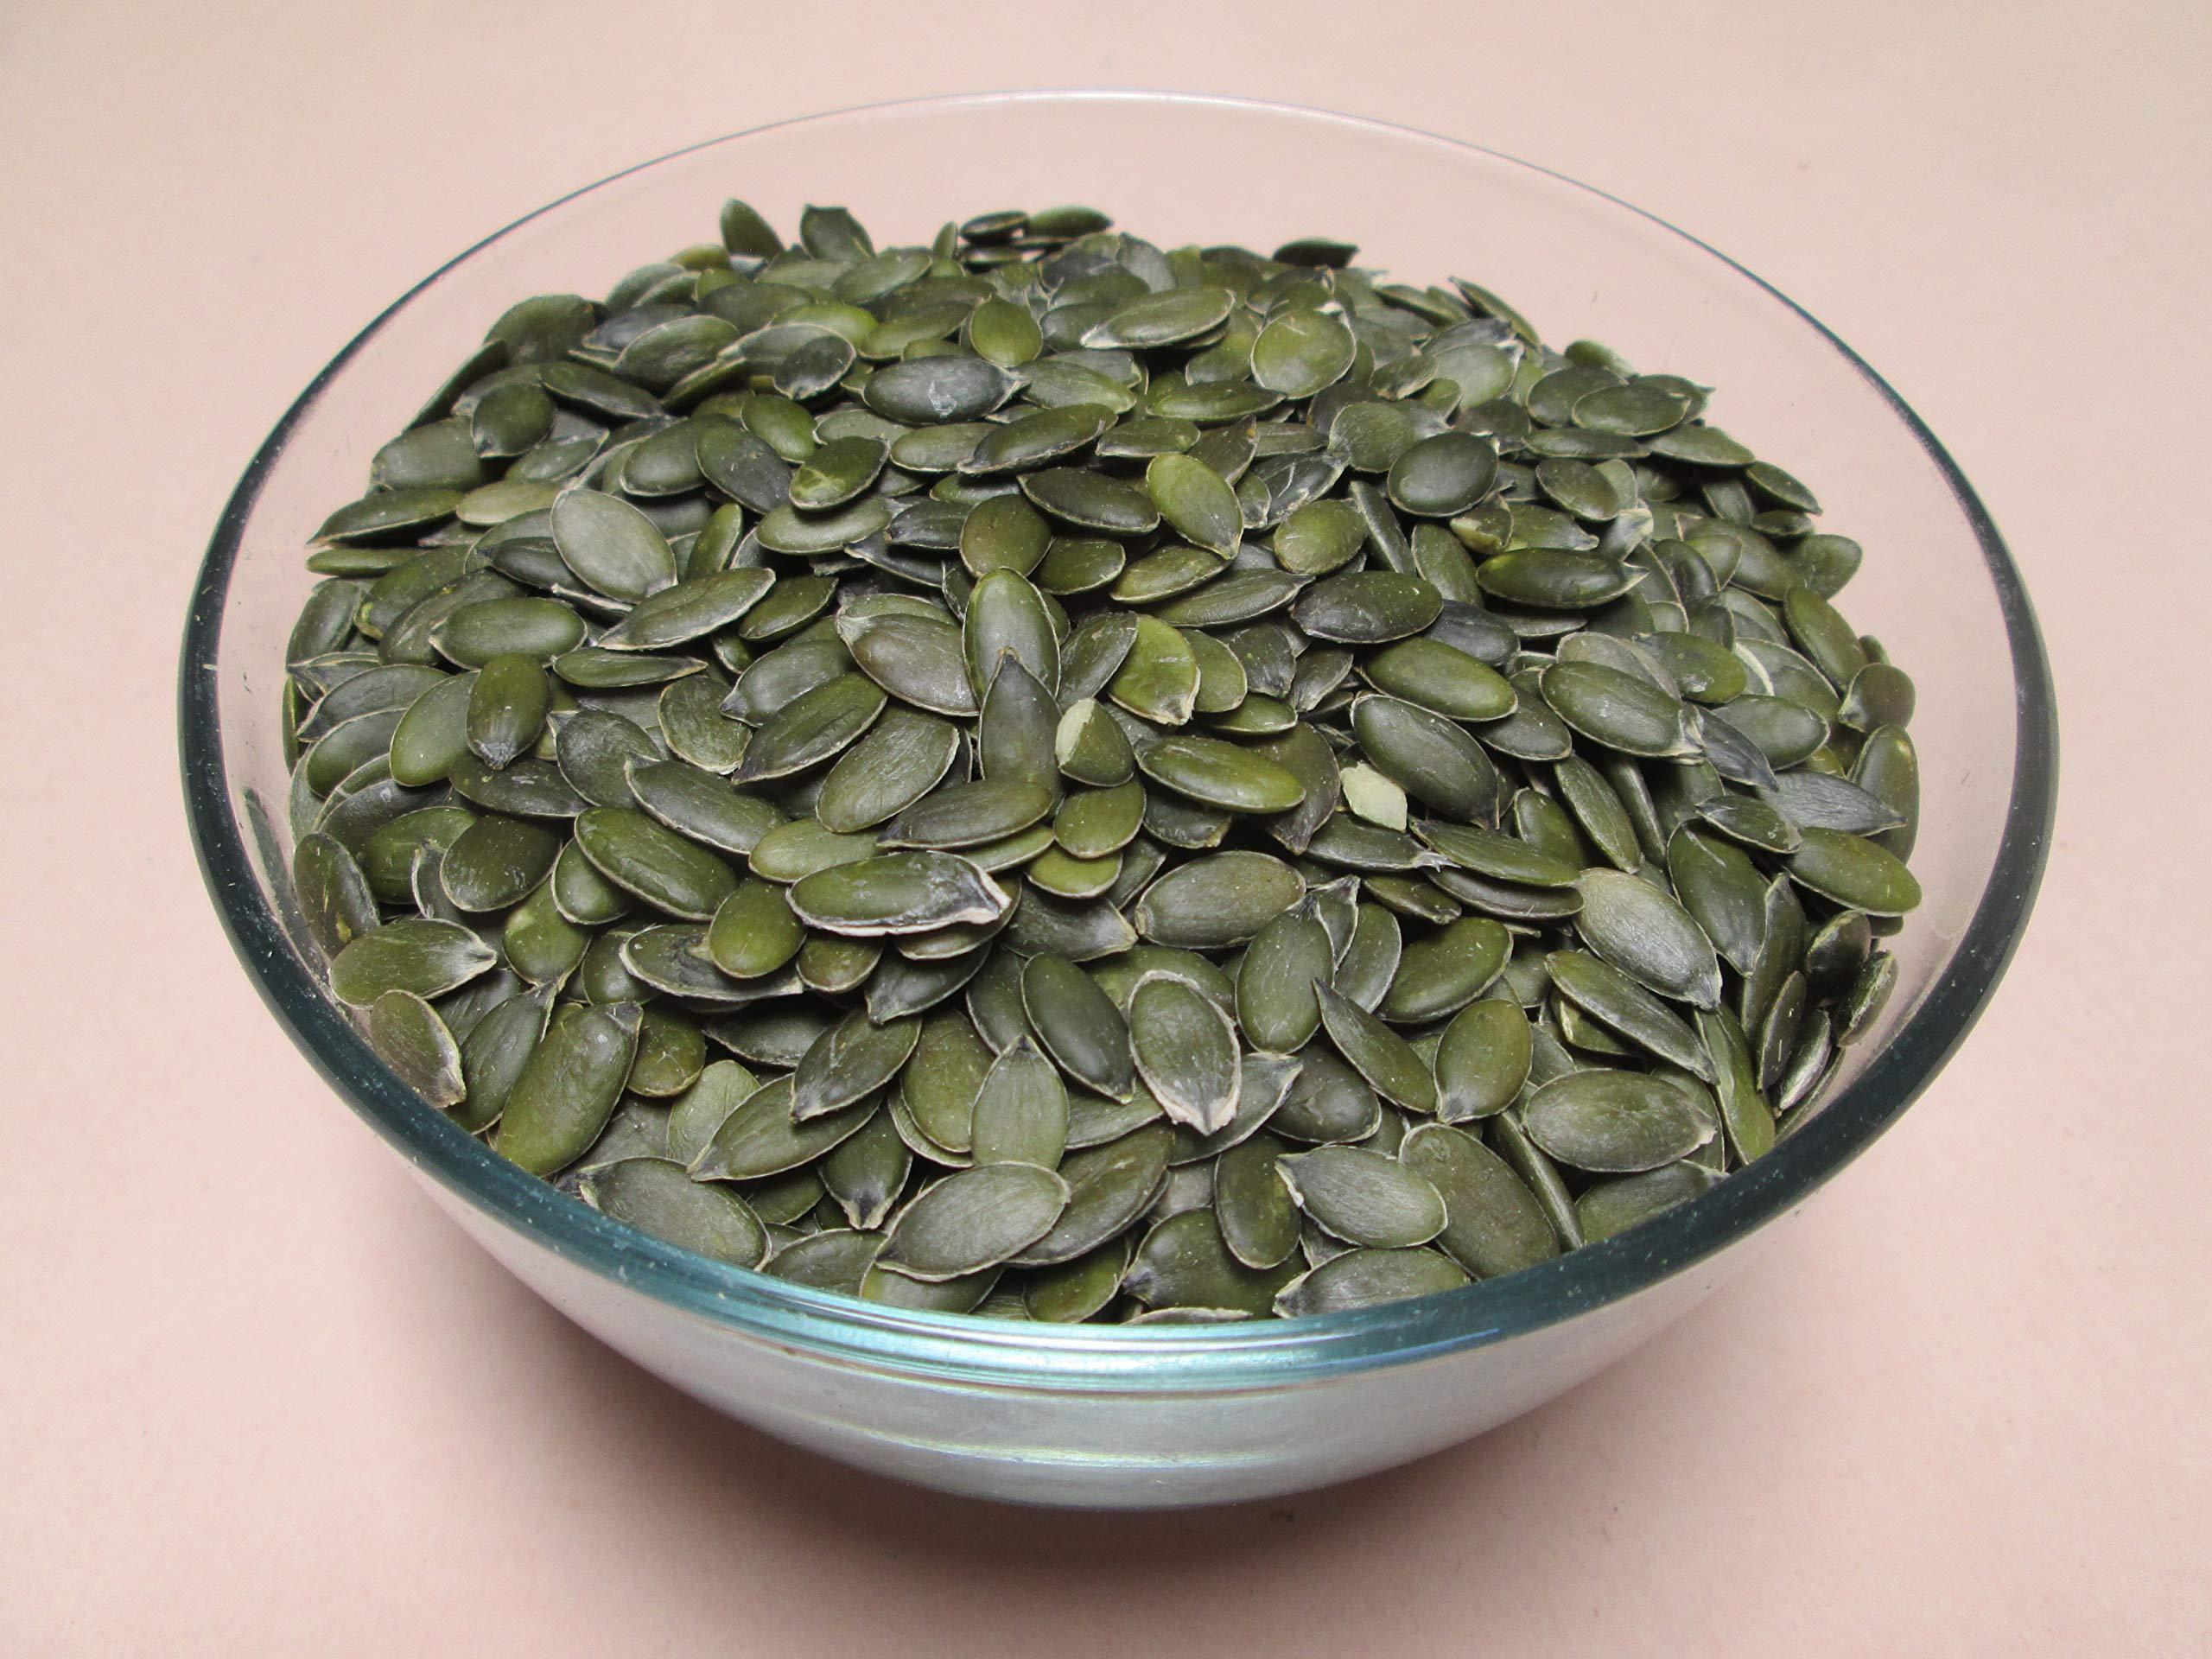 Hoosier Hill Farm Pumpkin Seeds - Pepitas, 1 lb. by Green Bulk